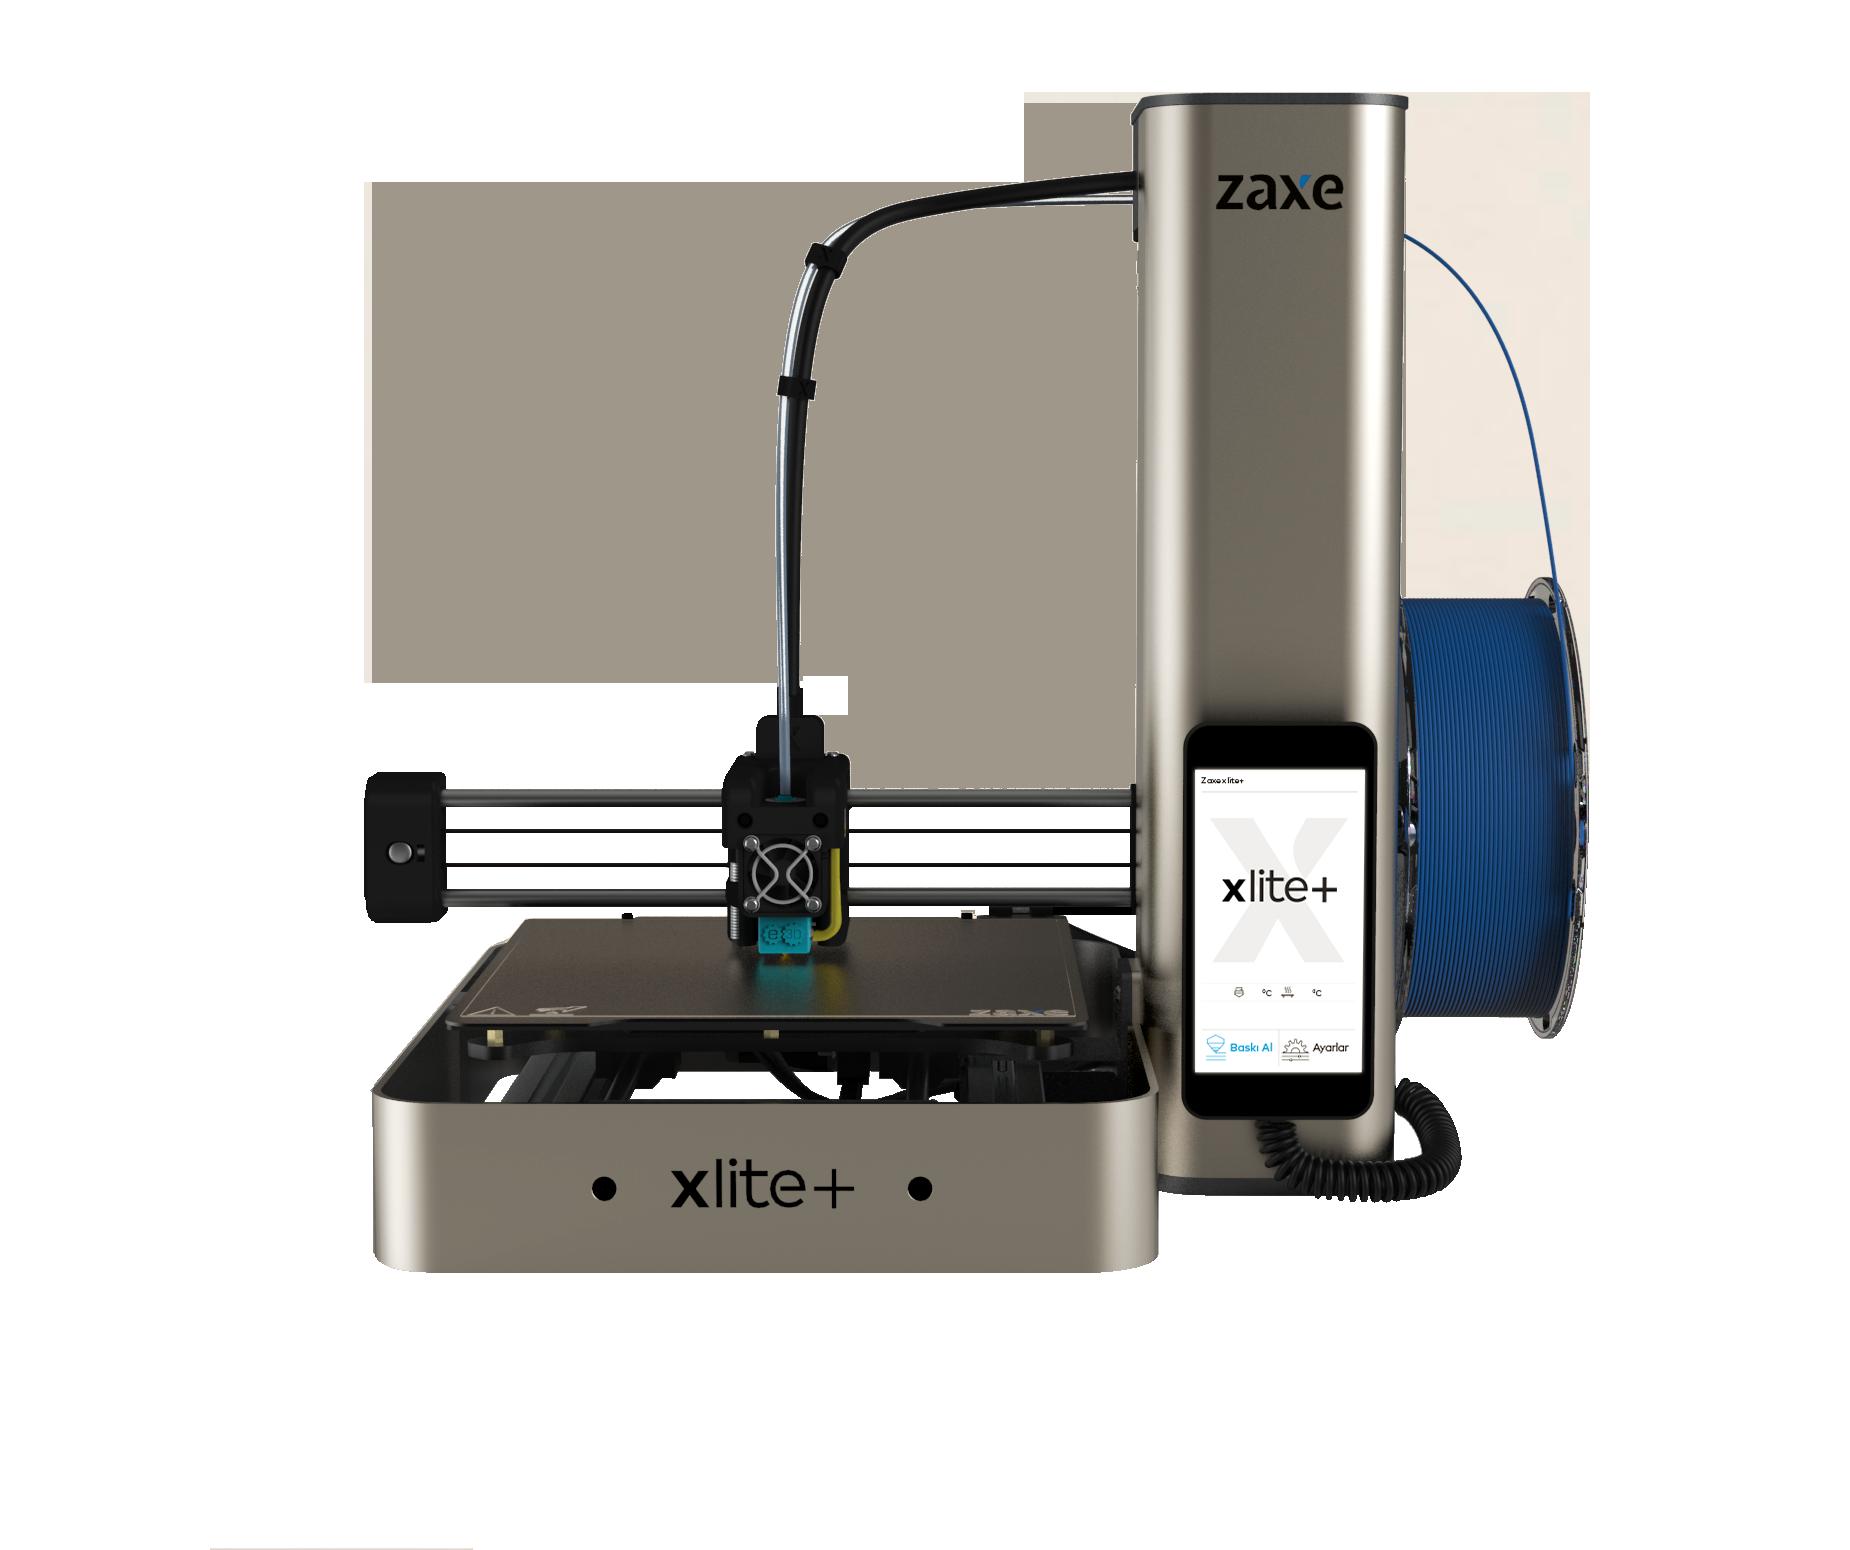 The Zaxe xlite+ 3D printer. Photo via Zaxe.